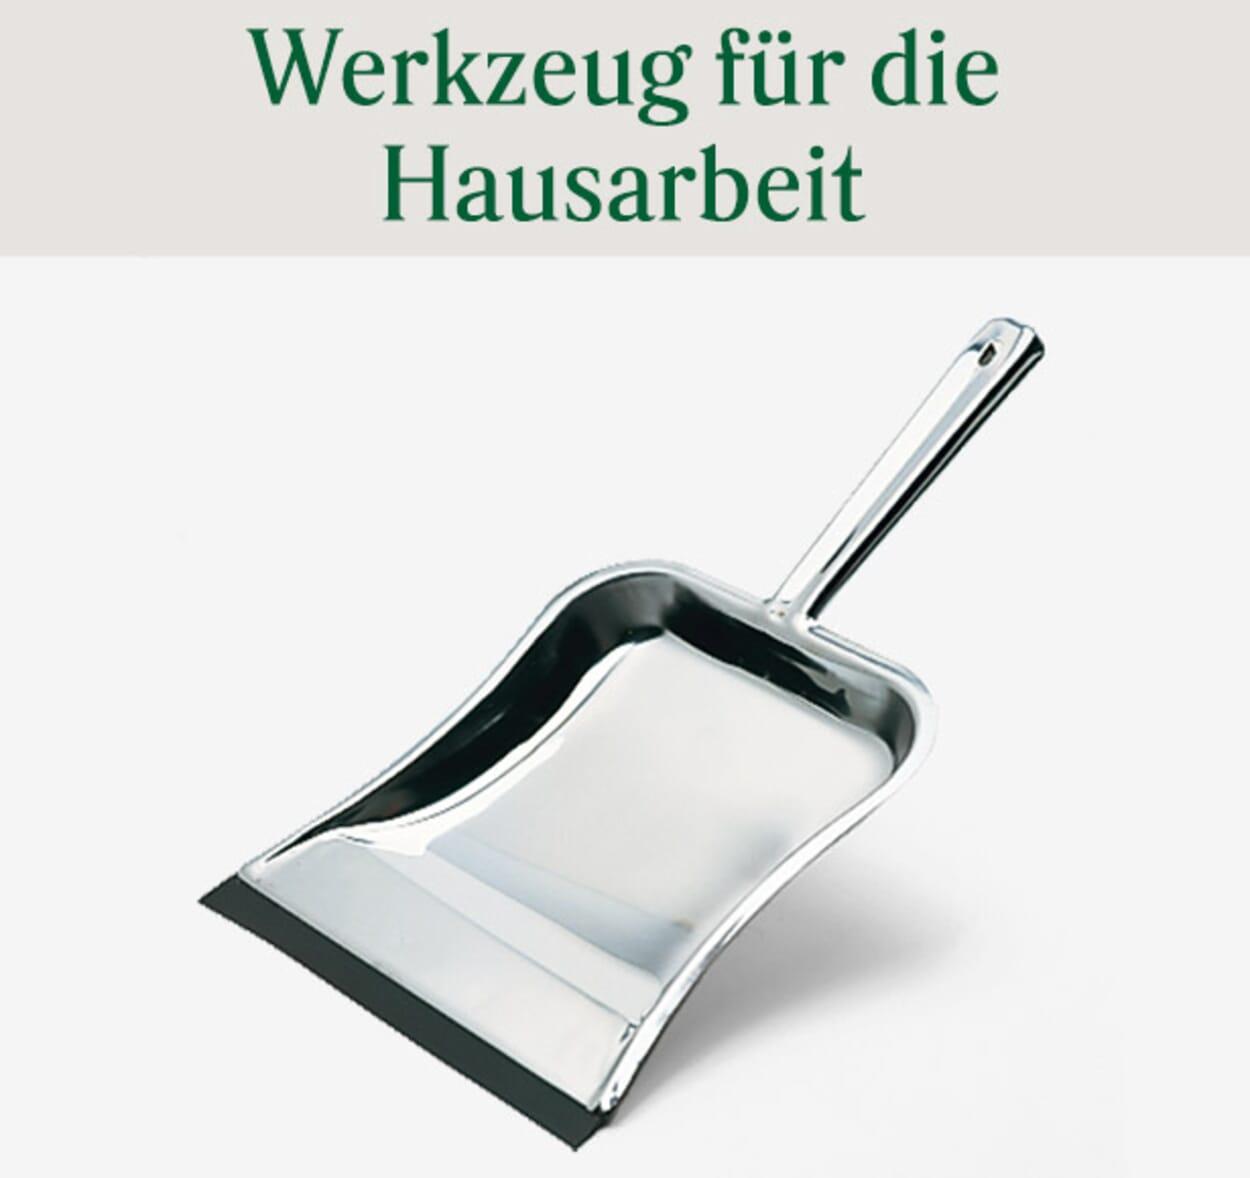 Werkzeug für die Hausarbeit